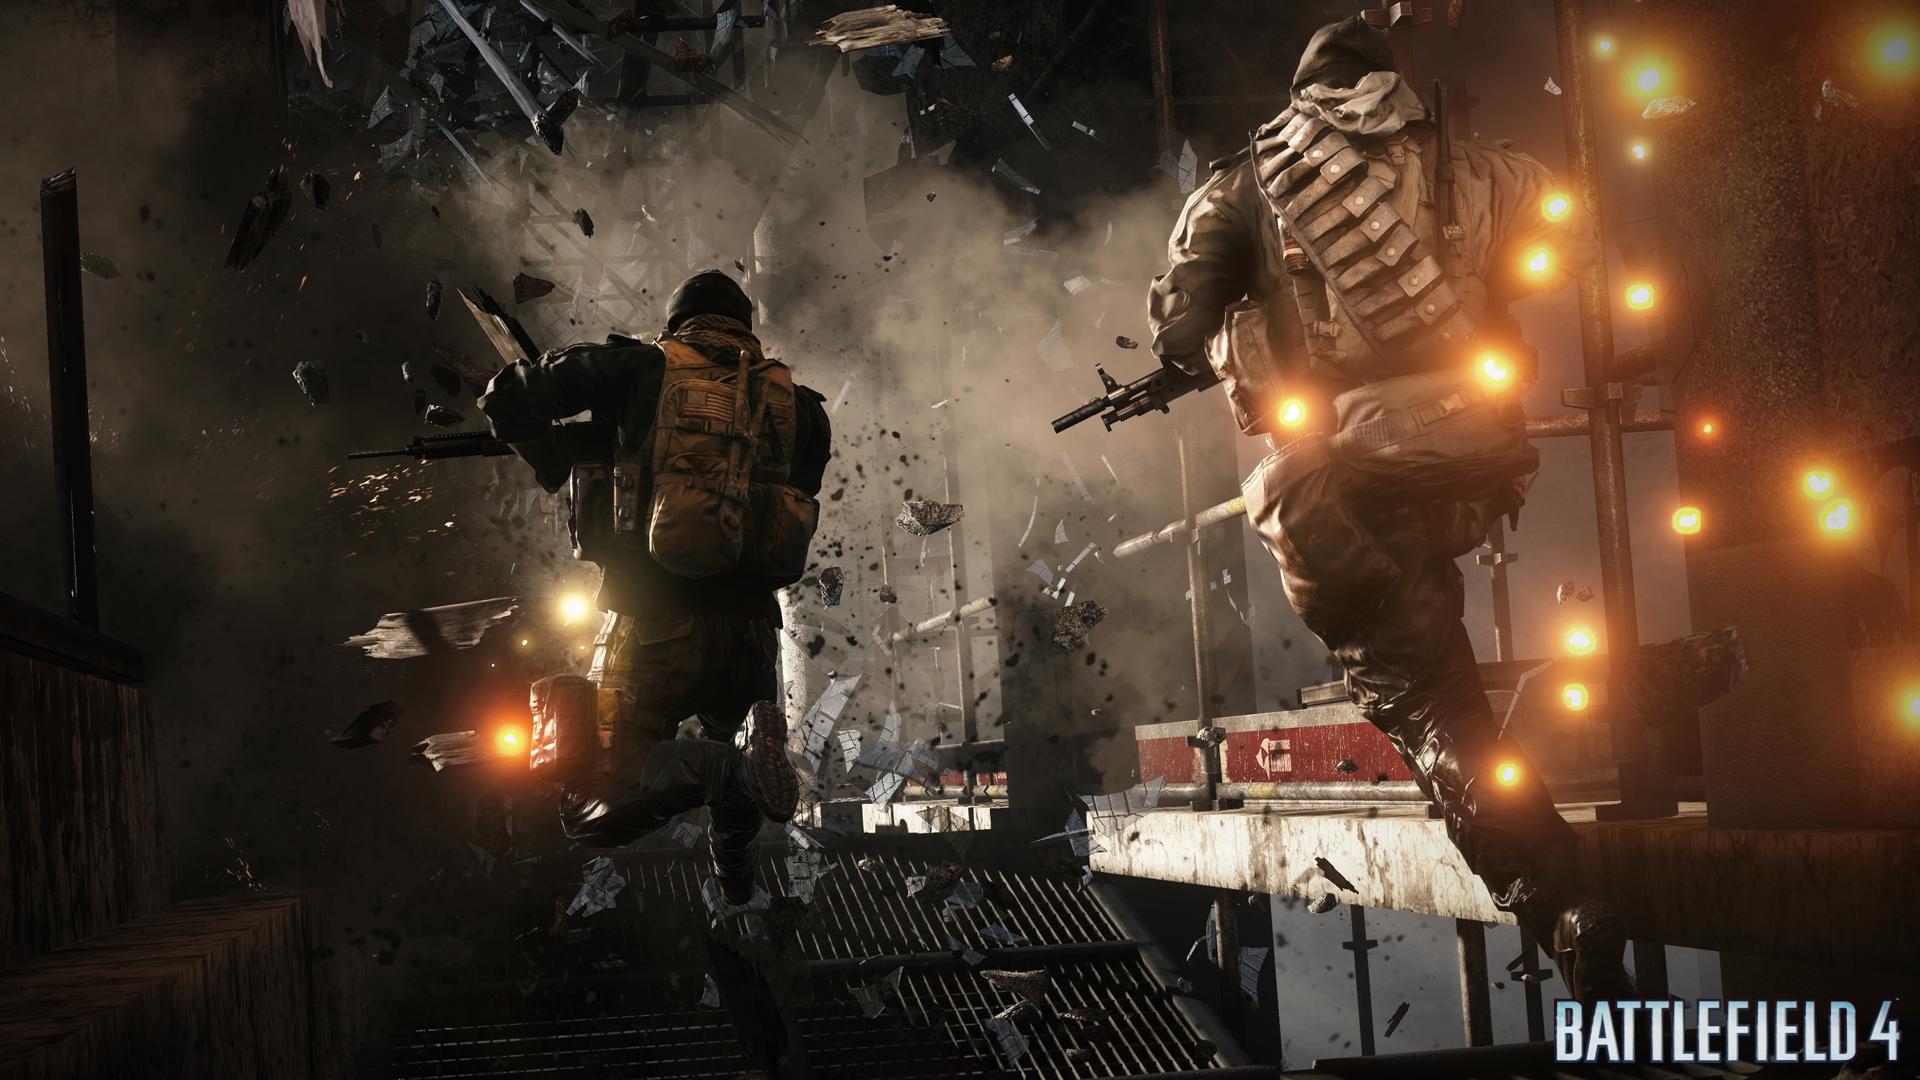 Battlefield 4 promete ser o melhor (e maior) game de tiro da geração (Foto: Divulgação)